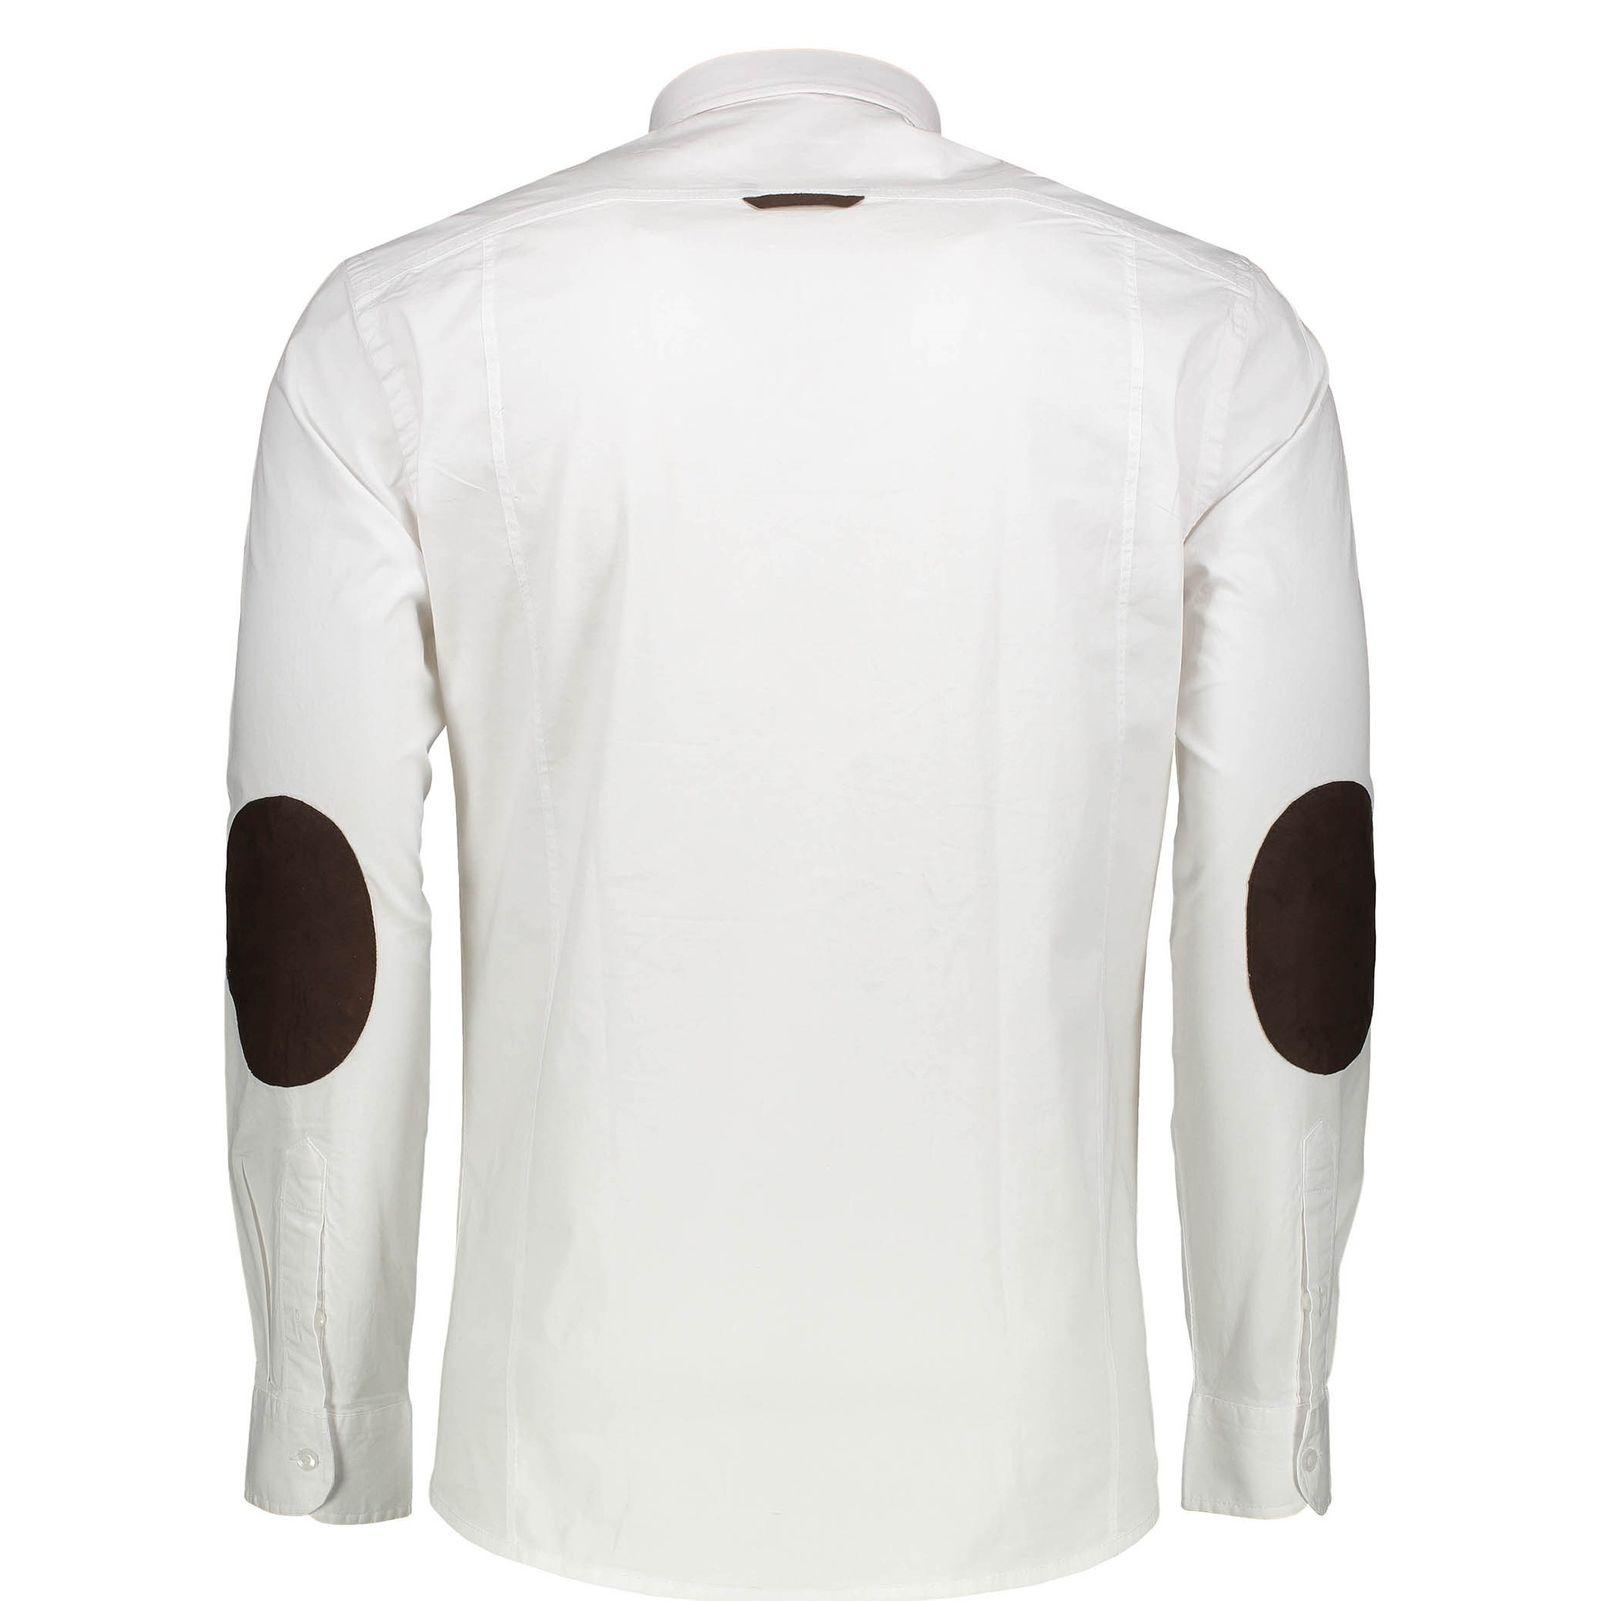 پیراهن نخی آستین بلند مردانه - گلد - سفيد - 2